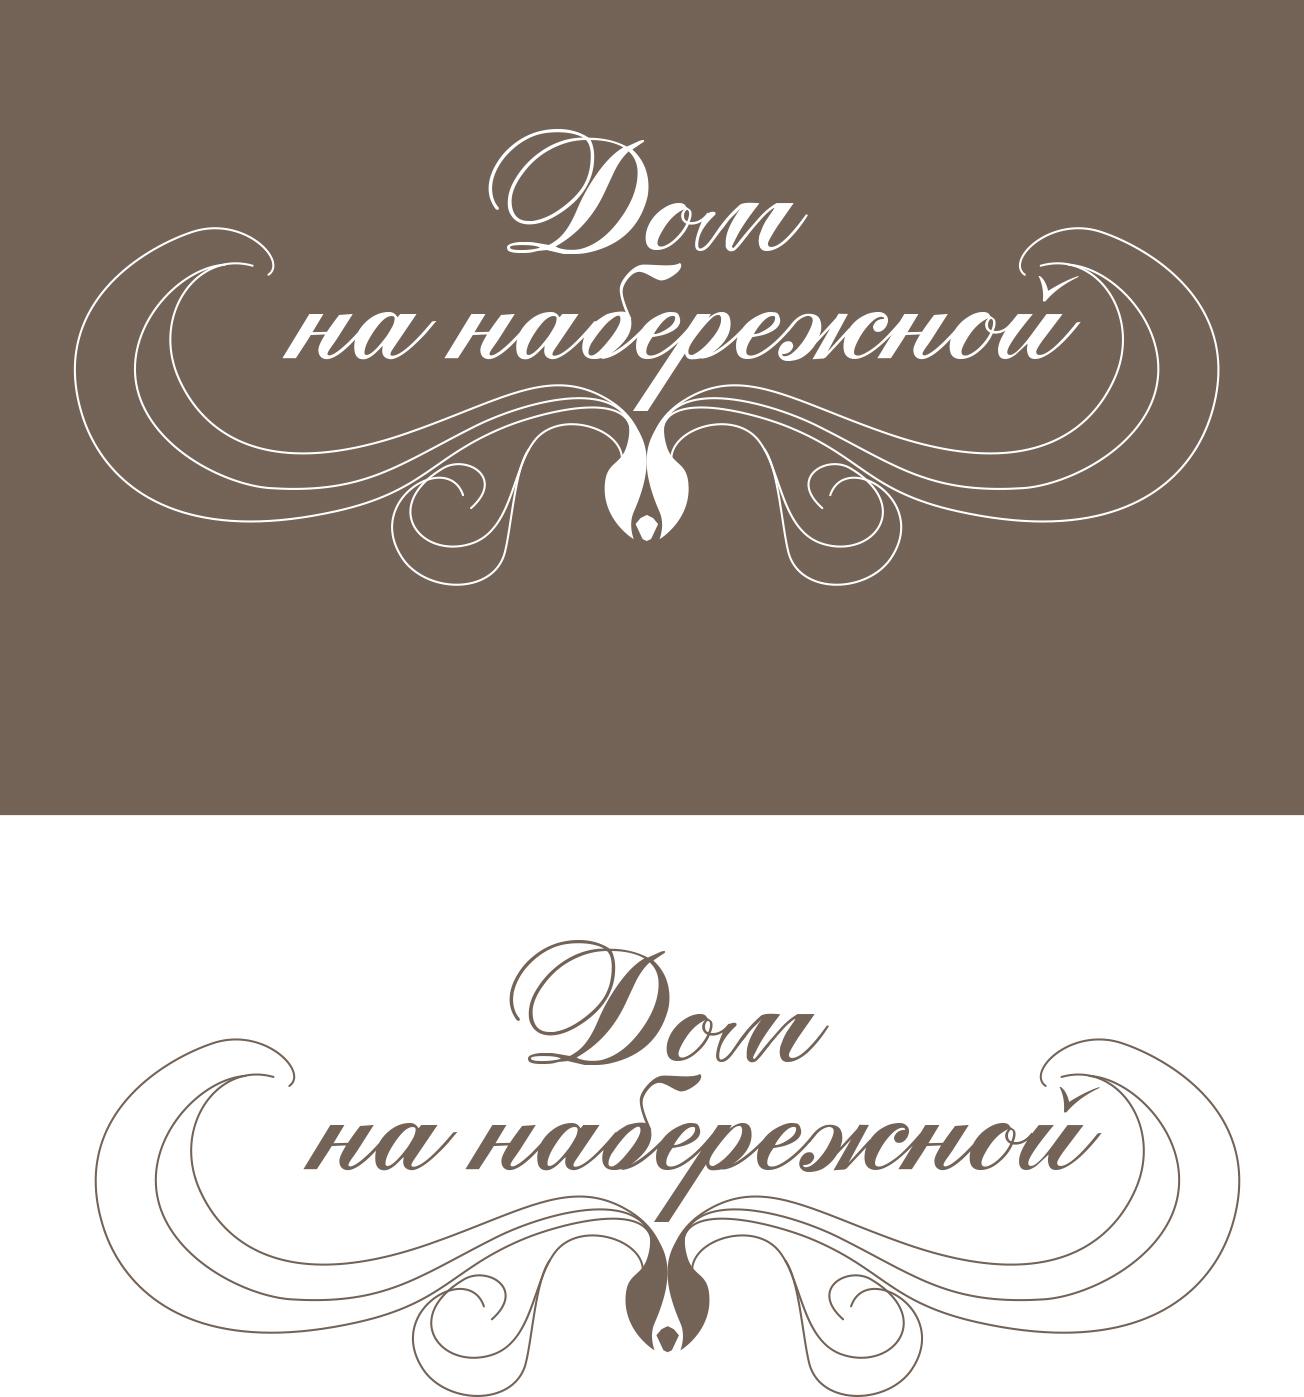 РАЗРАБОТКА логотипа для ЖИЛОГО КОМПЛЕКСА премиум В АНАПЕ.  фото f_2945de67160aafce.jpg